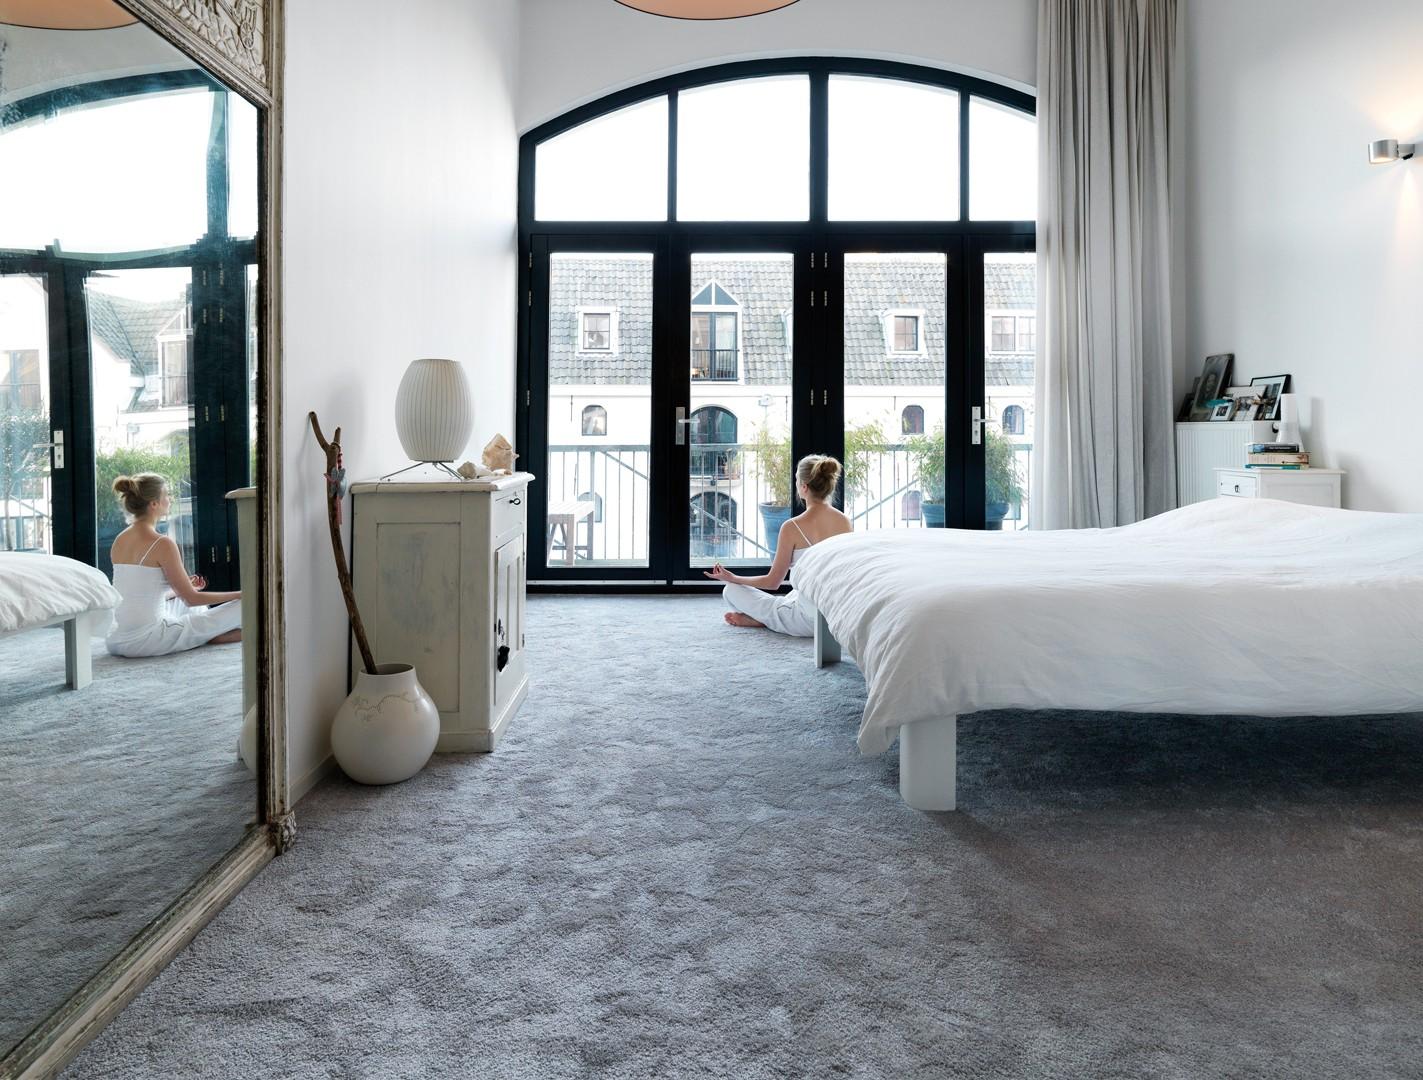 tapijt op slaapkamer fuck for